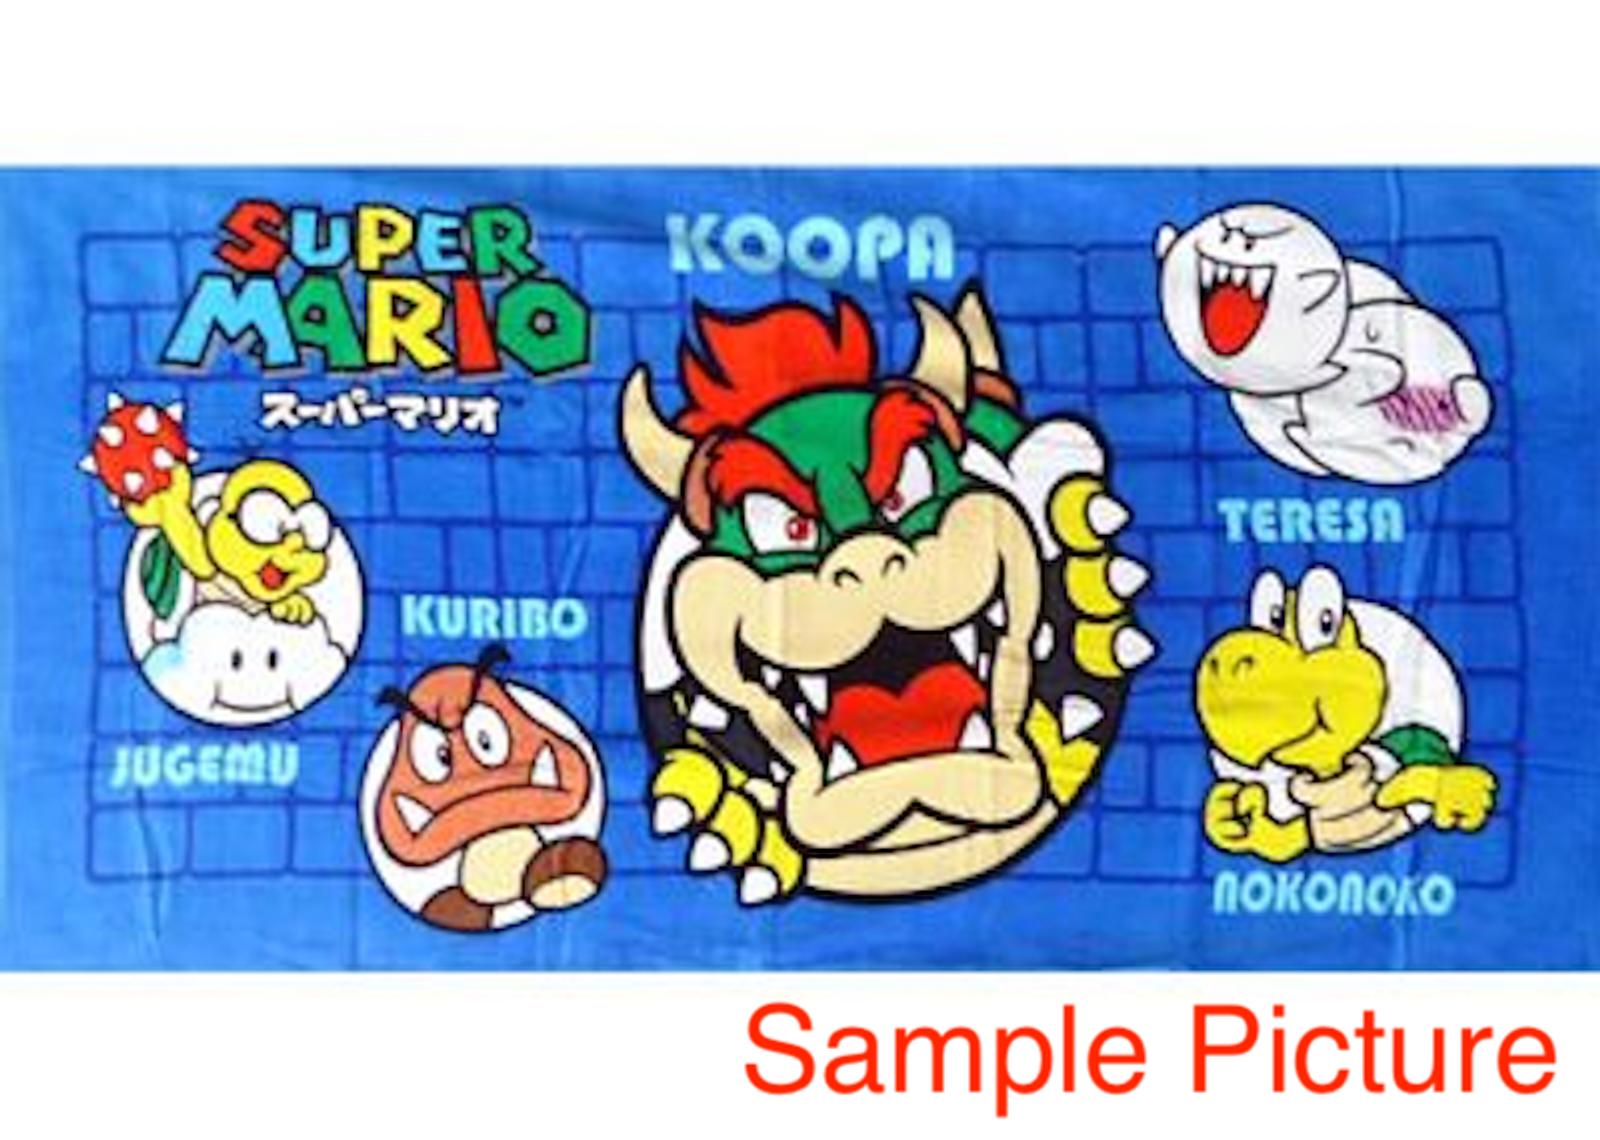 Super Mario Bros. Koopa Bath Towel 141cm x 71cm JAPAN GAME Nintendo Famicom NES